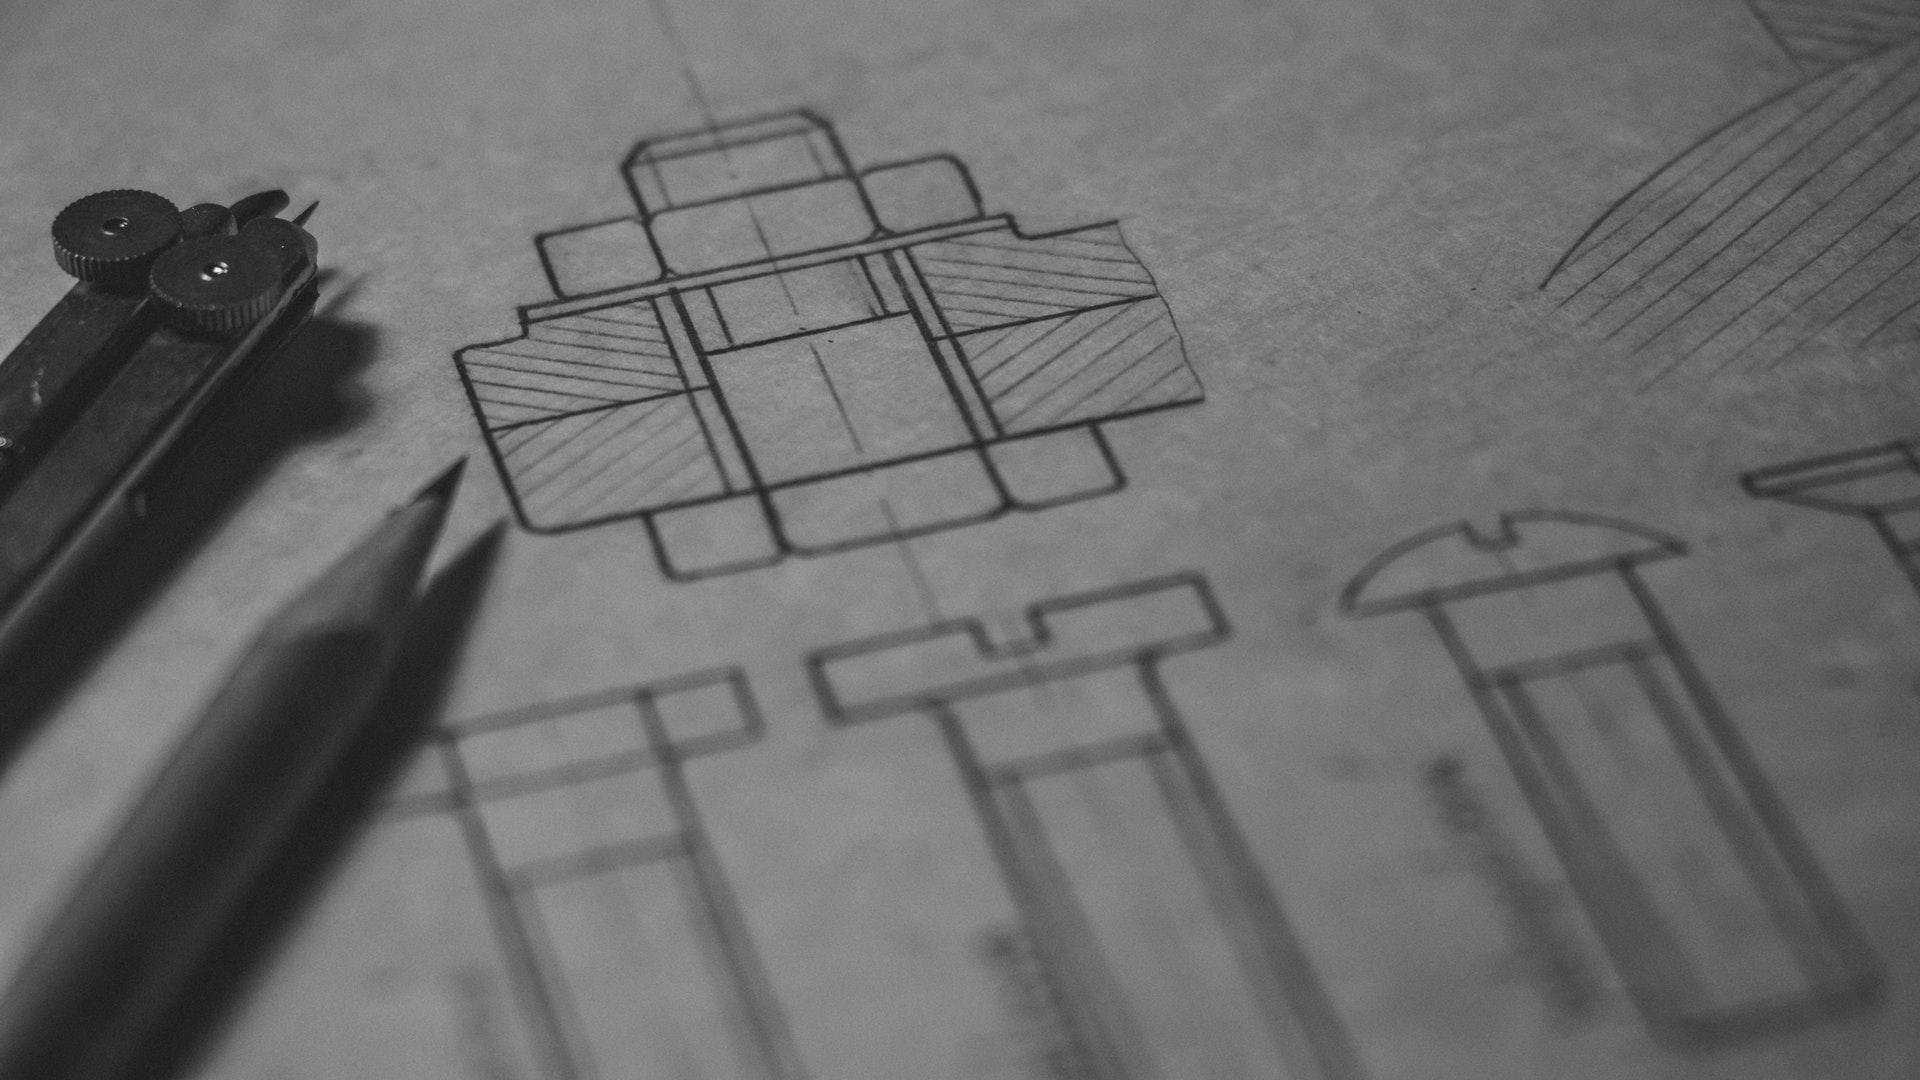 architect-architecture-black-and-white-716661